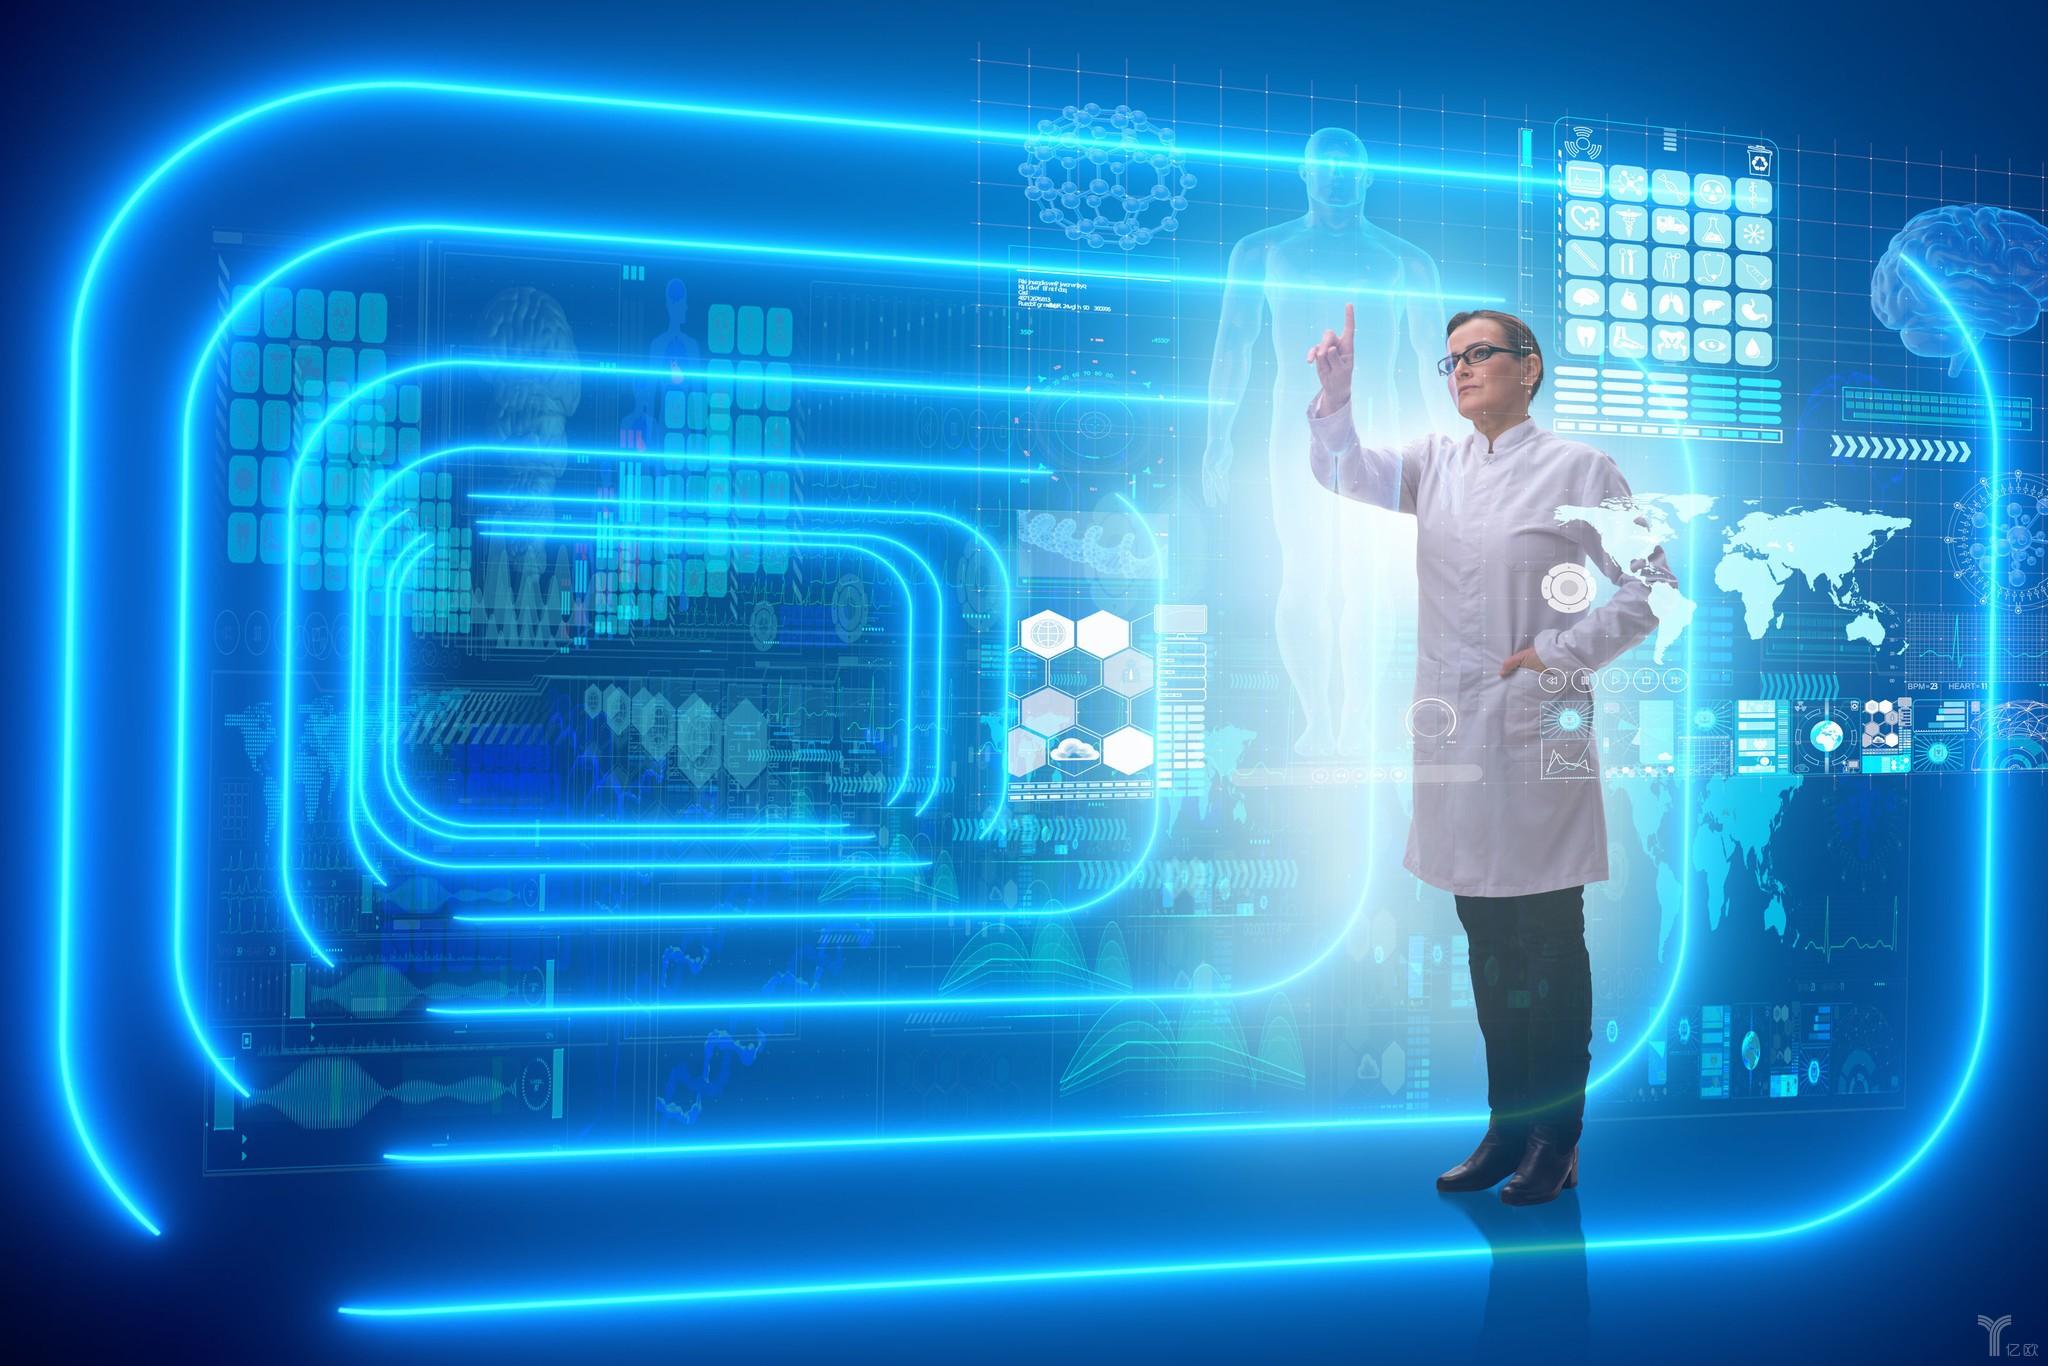 智慧医疗,物联网,智慧医院,智慧医疗,医疗